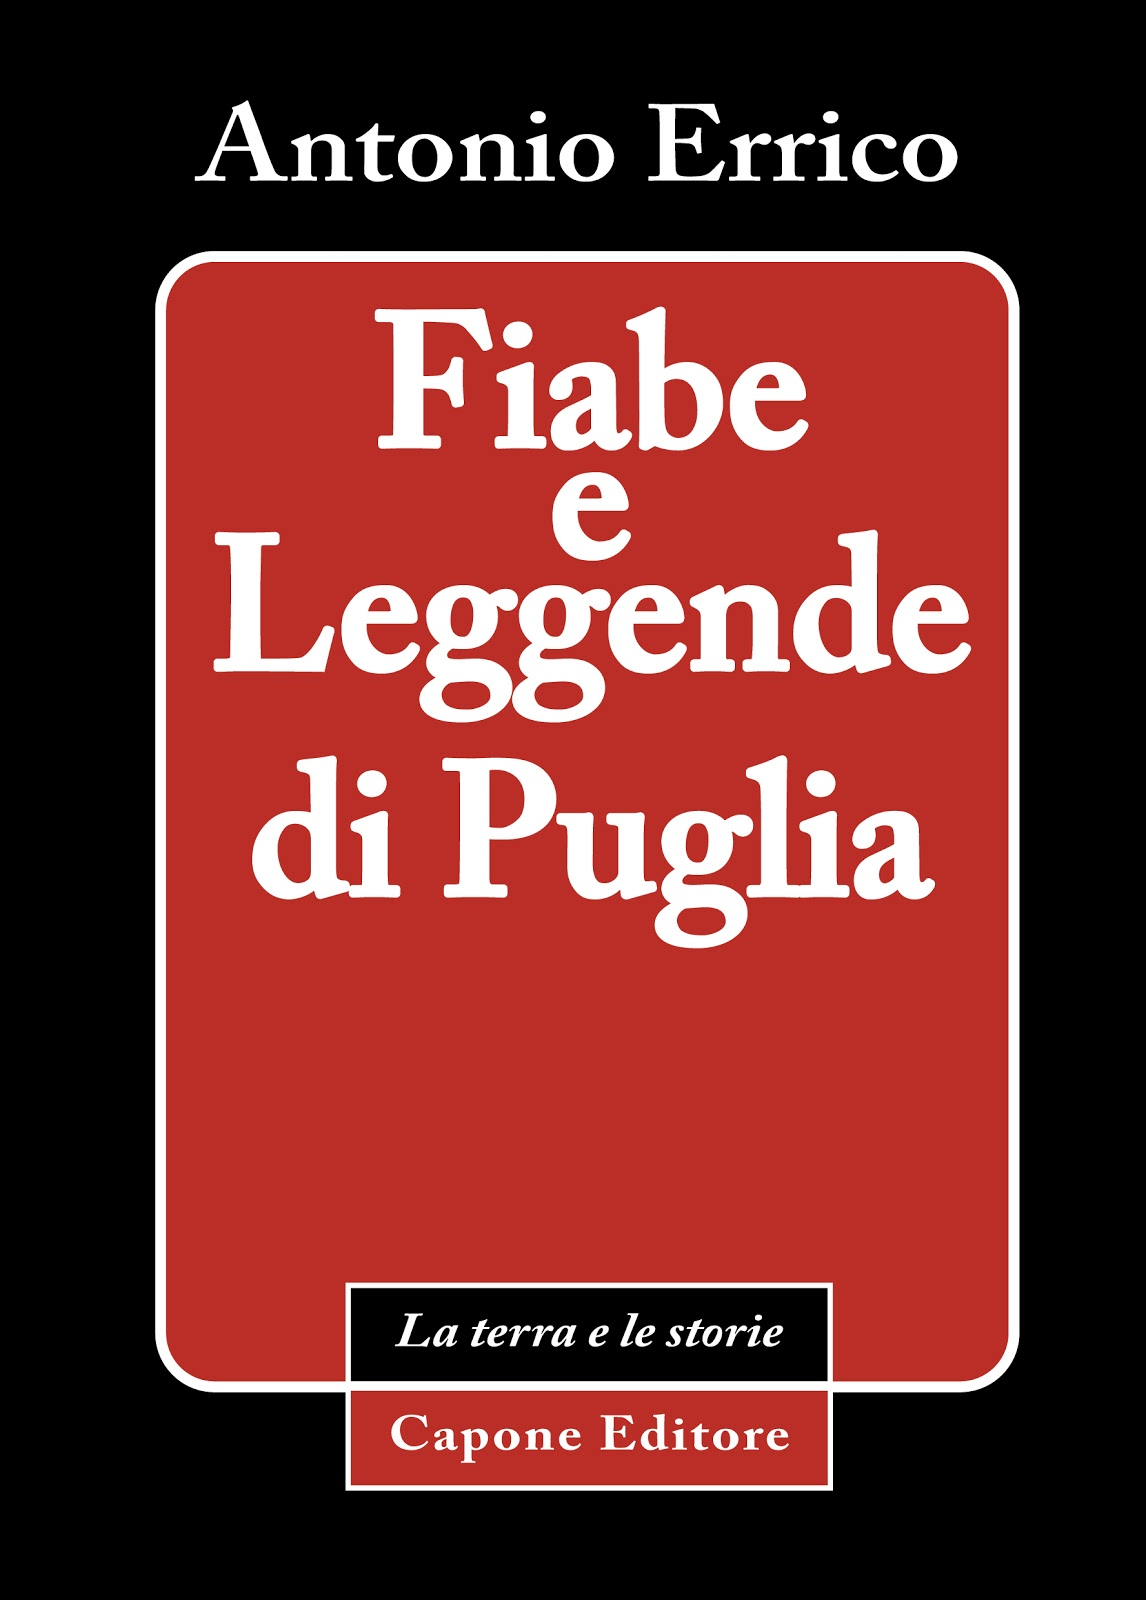 Fiabe e Leggende di Puglia recensione